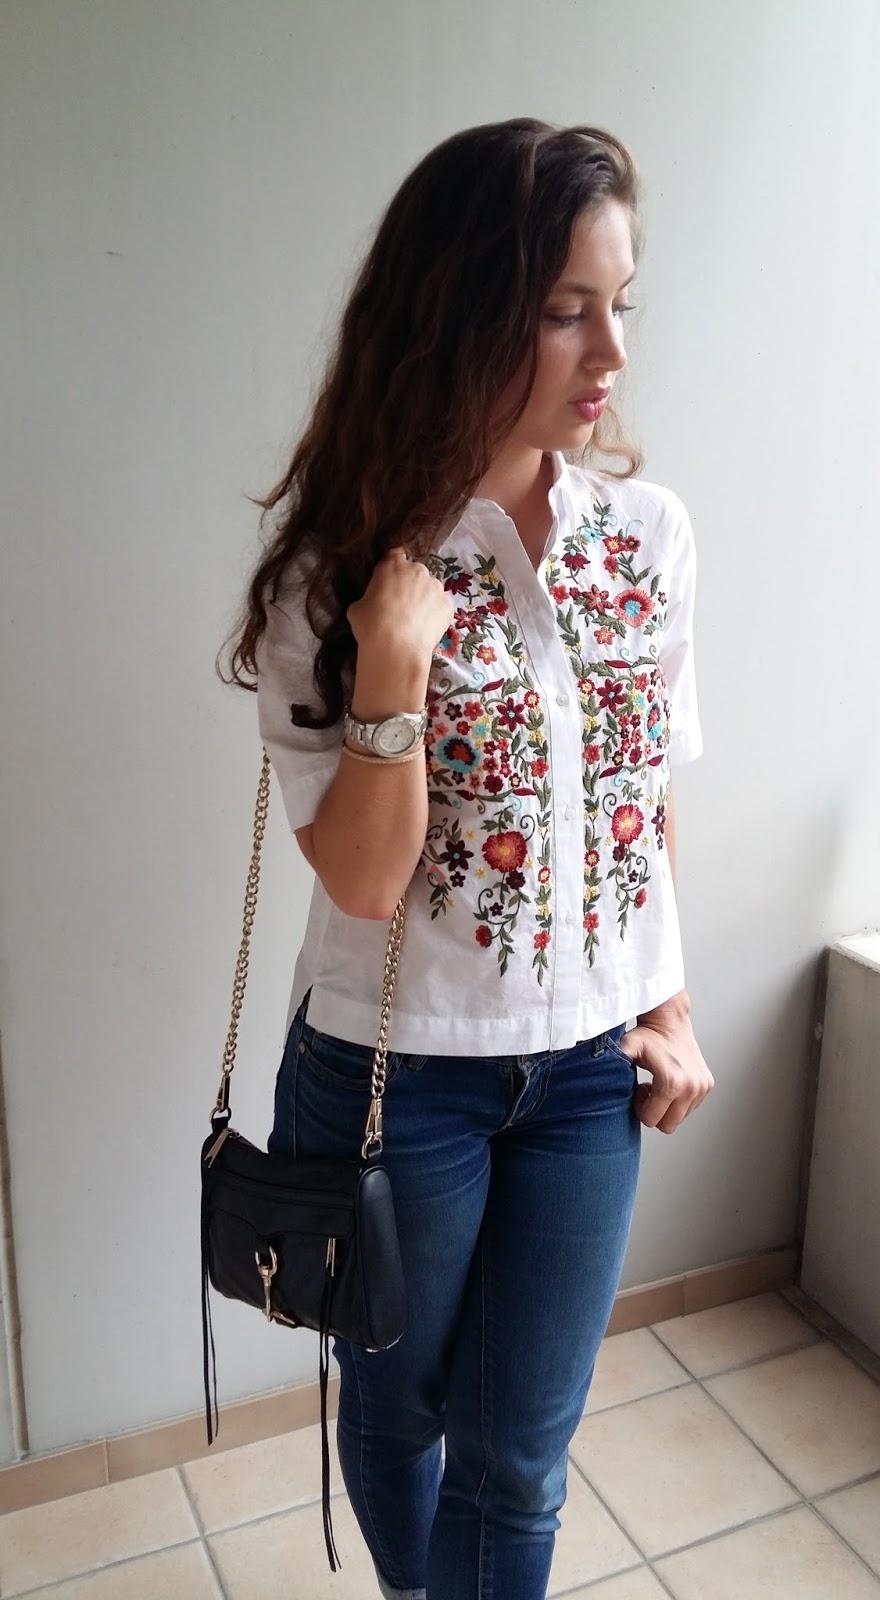 zara, summer fashion, stuart weitzman, embroidered top, 70's inspired